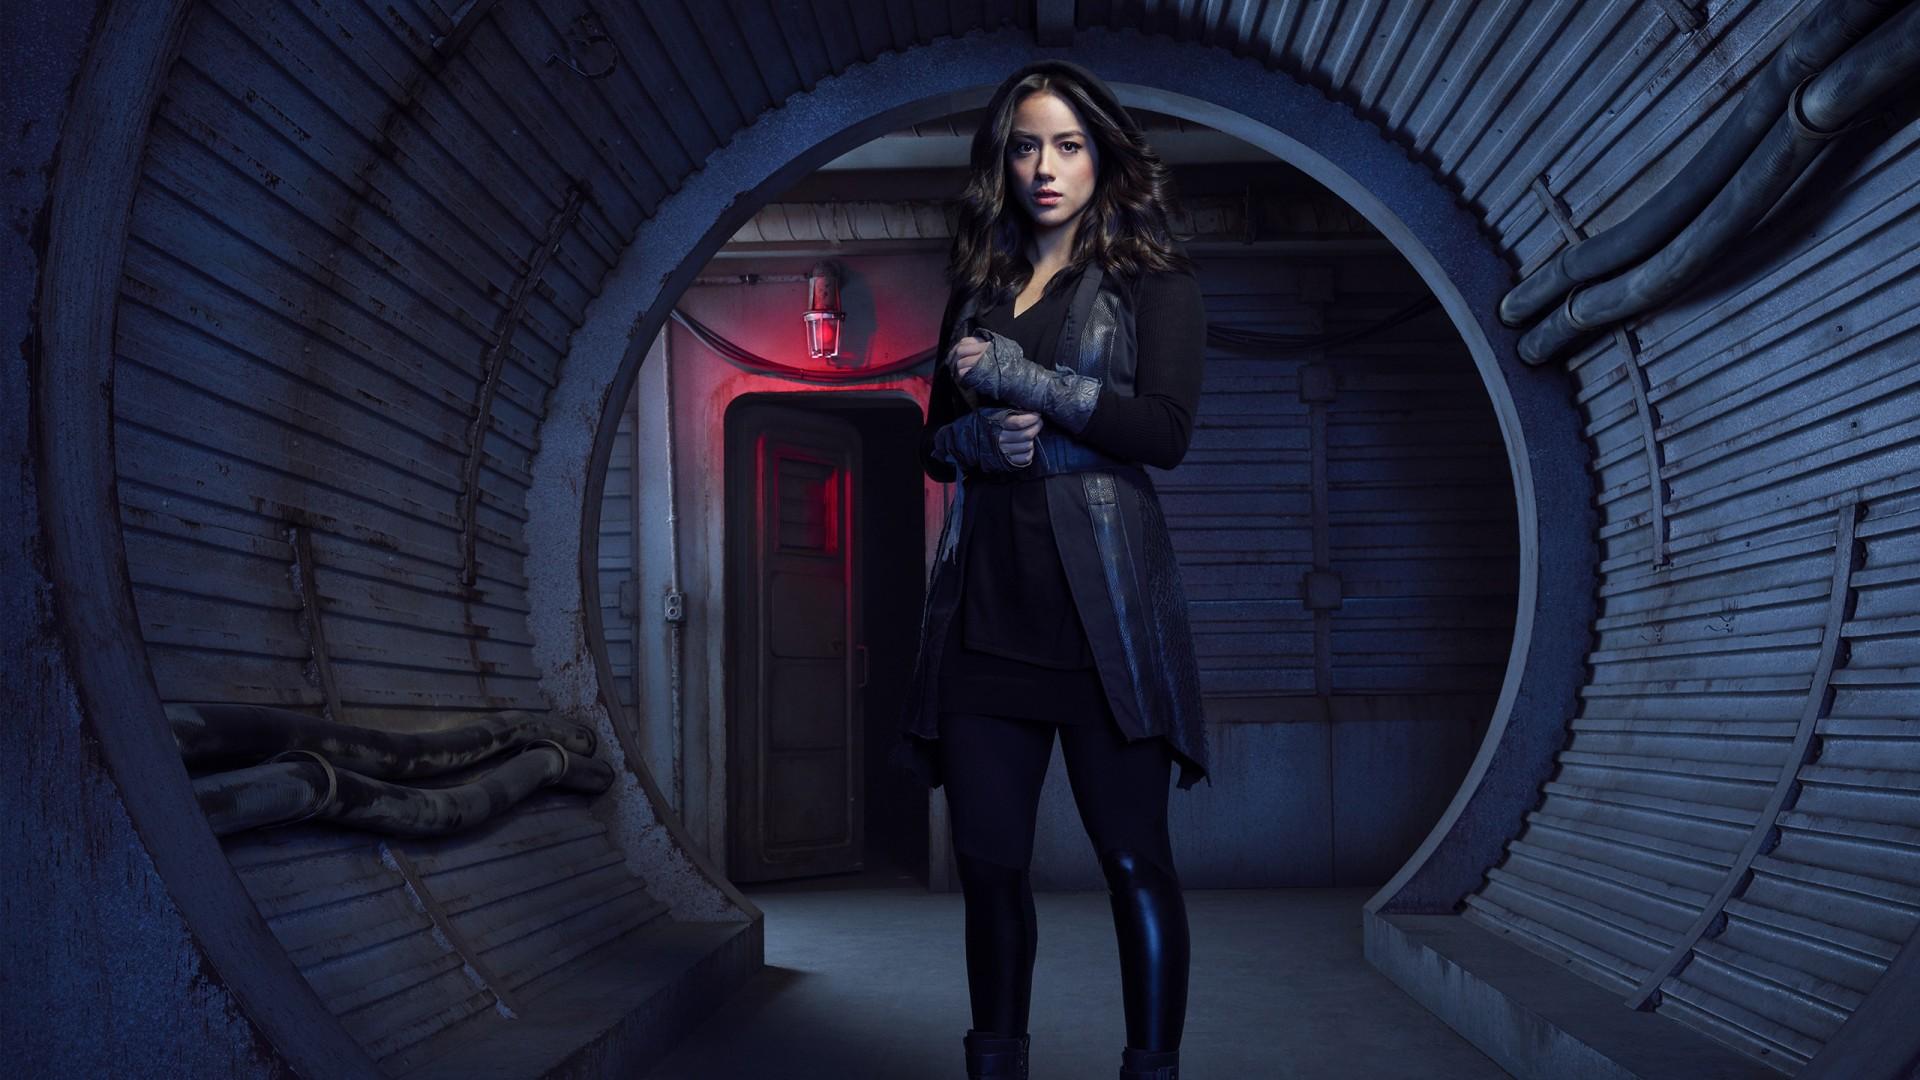 Prison Break Hd Wallpapers Download Chloe Bennet As Daisy Johnson Agents Of Shield Season 5